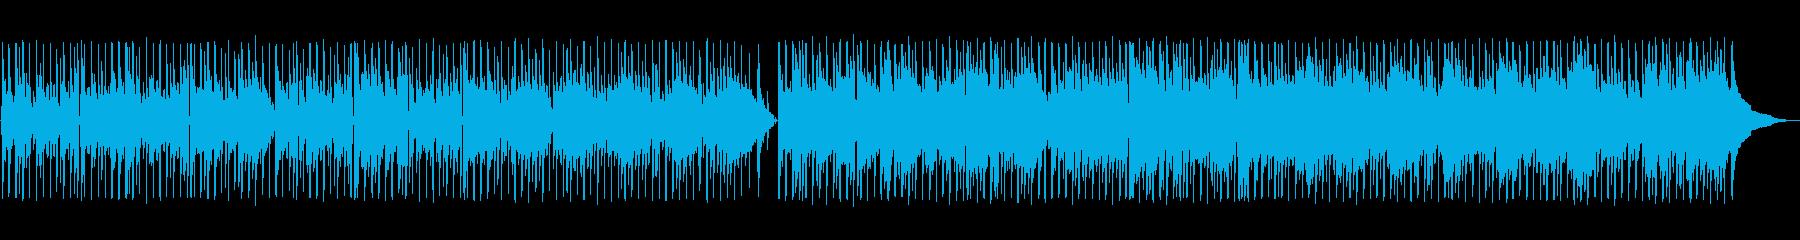 しっとり切ないアコギの再生済みの波形